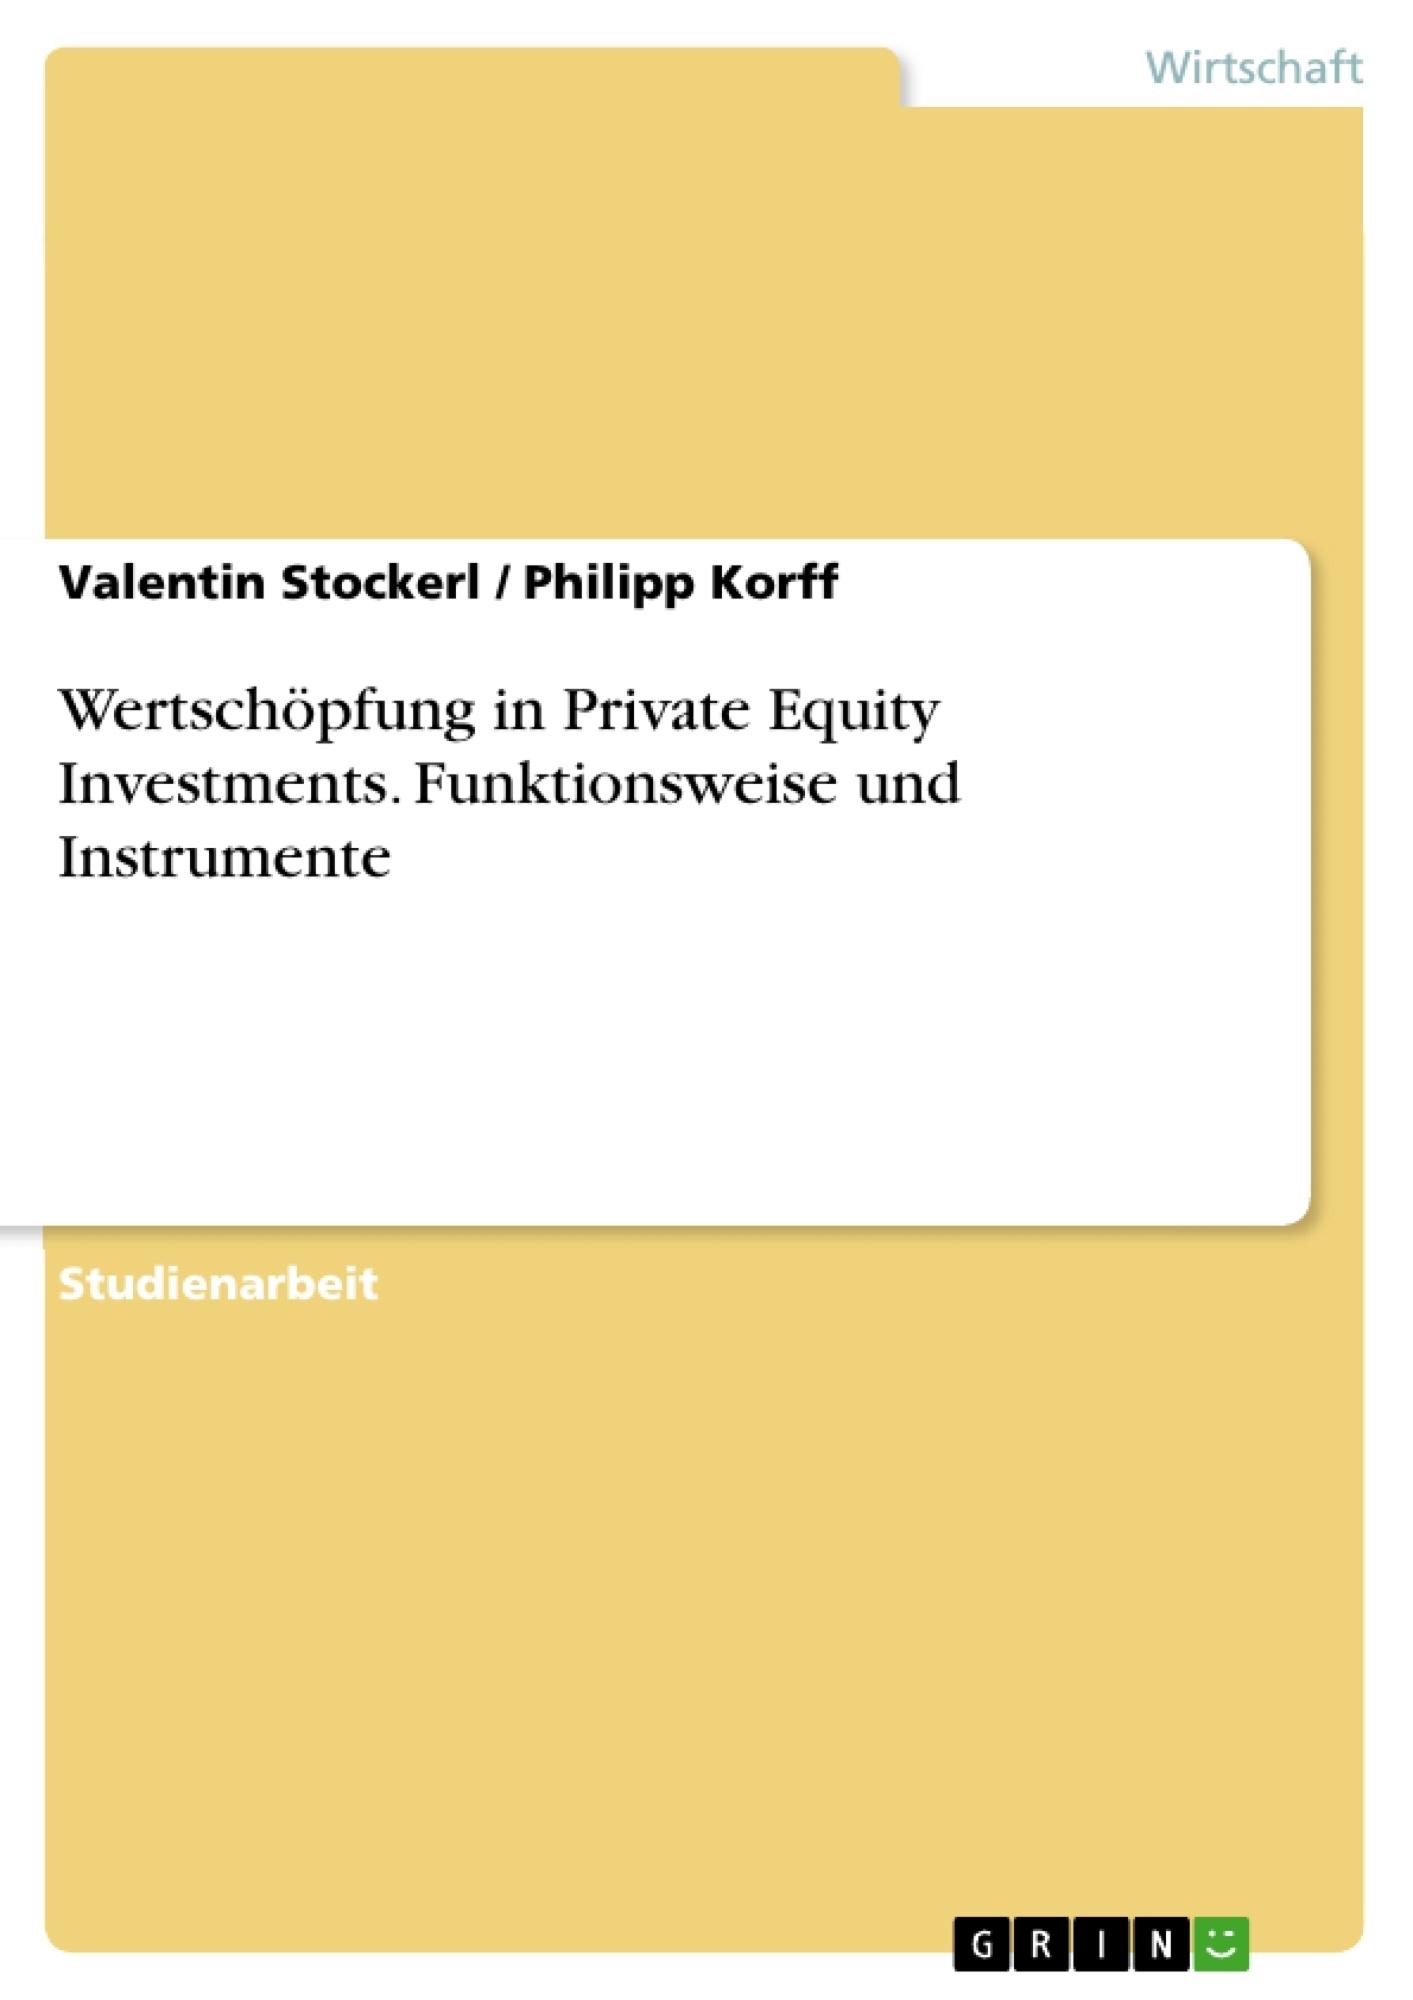 Titel: Wertschöpfung in Private Equity Investments. Funktionsweise und Instrumente